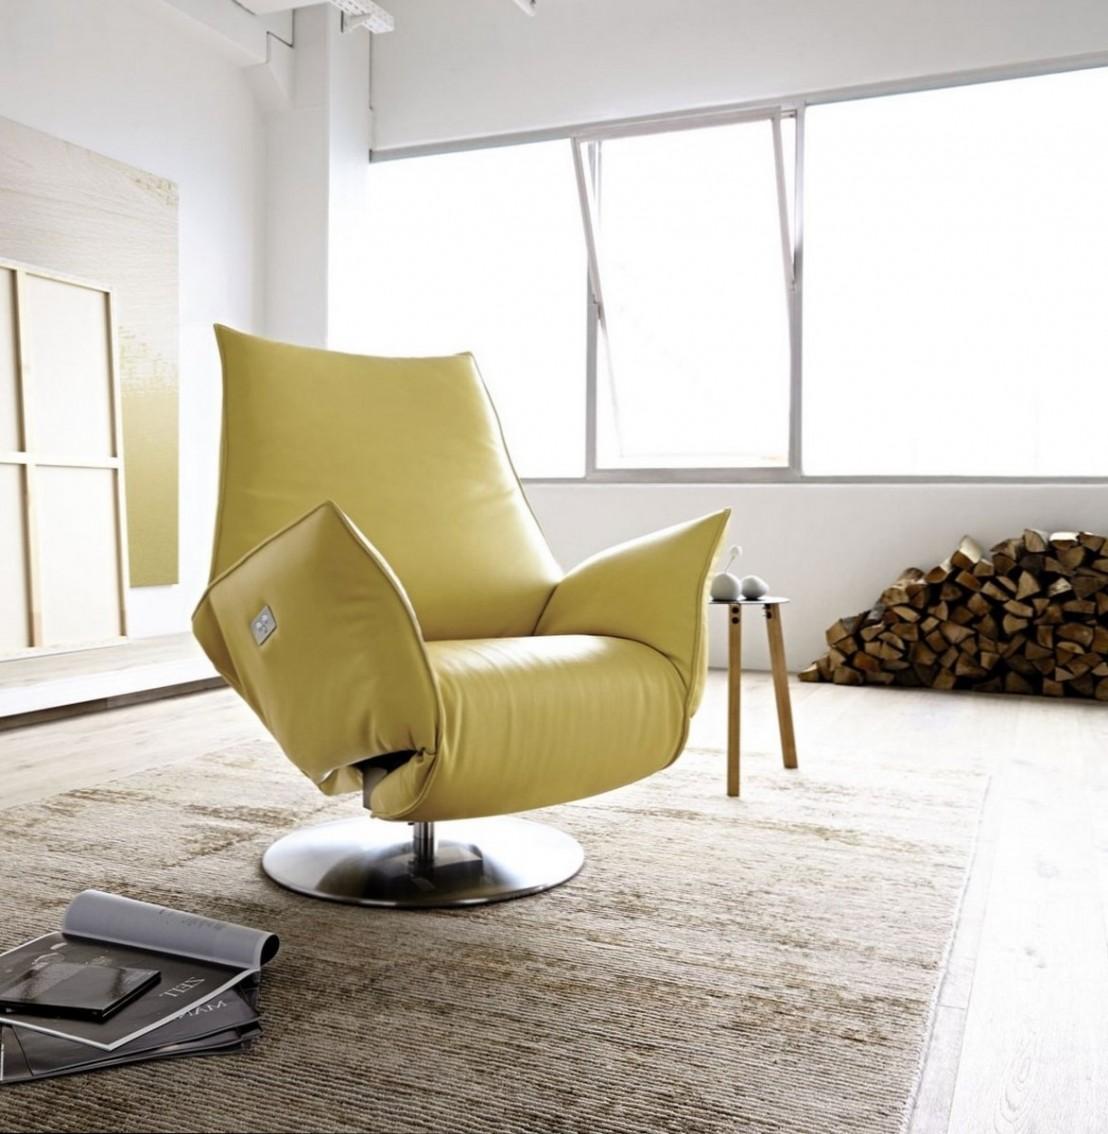 fauteuil relax design sur batterie et grand confort lord jm. Black Bedroom Furniture Sets. Home Design Ideas